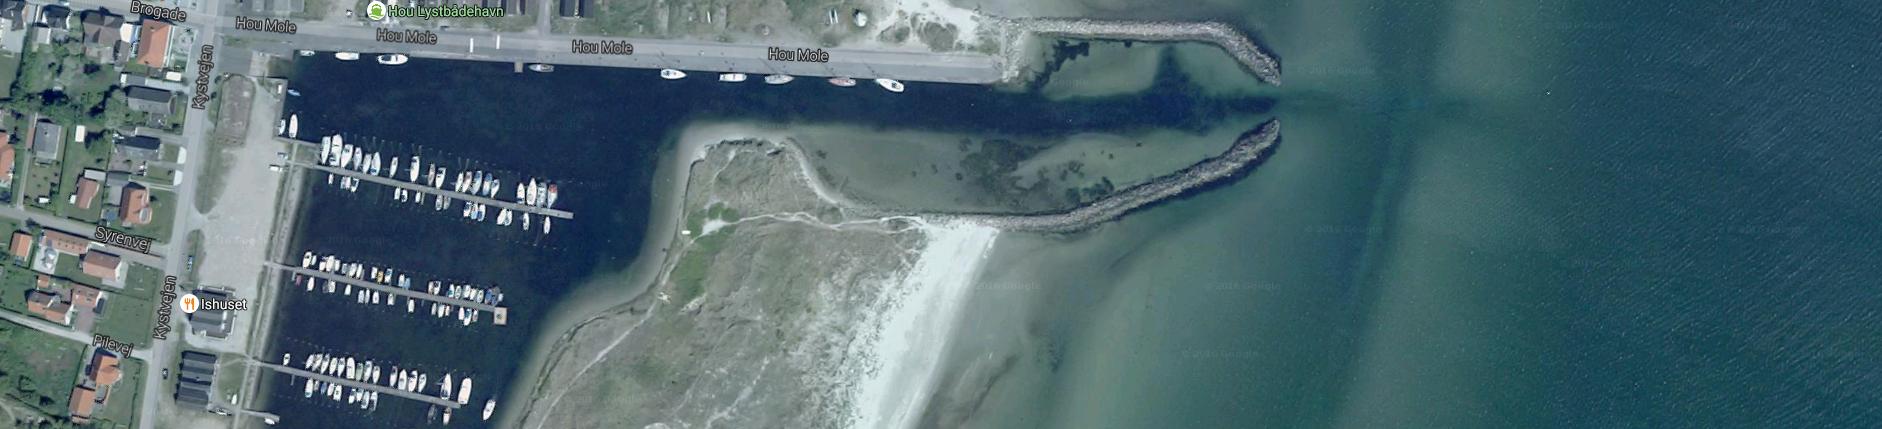 Hou Lystbådehavn set fra luften